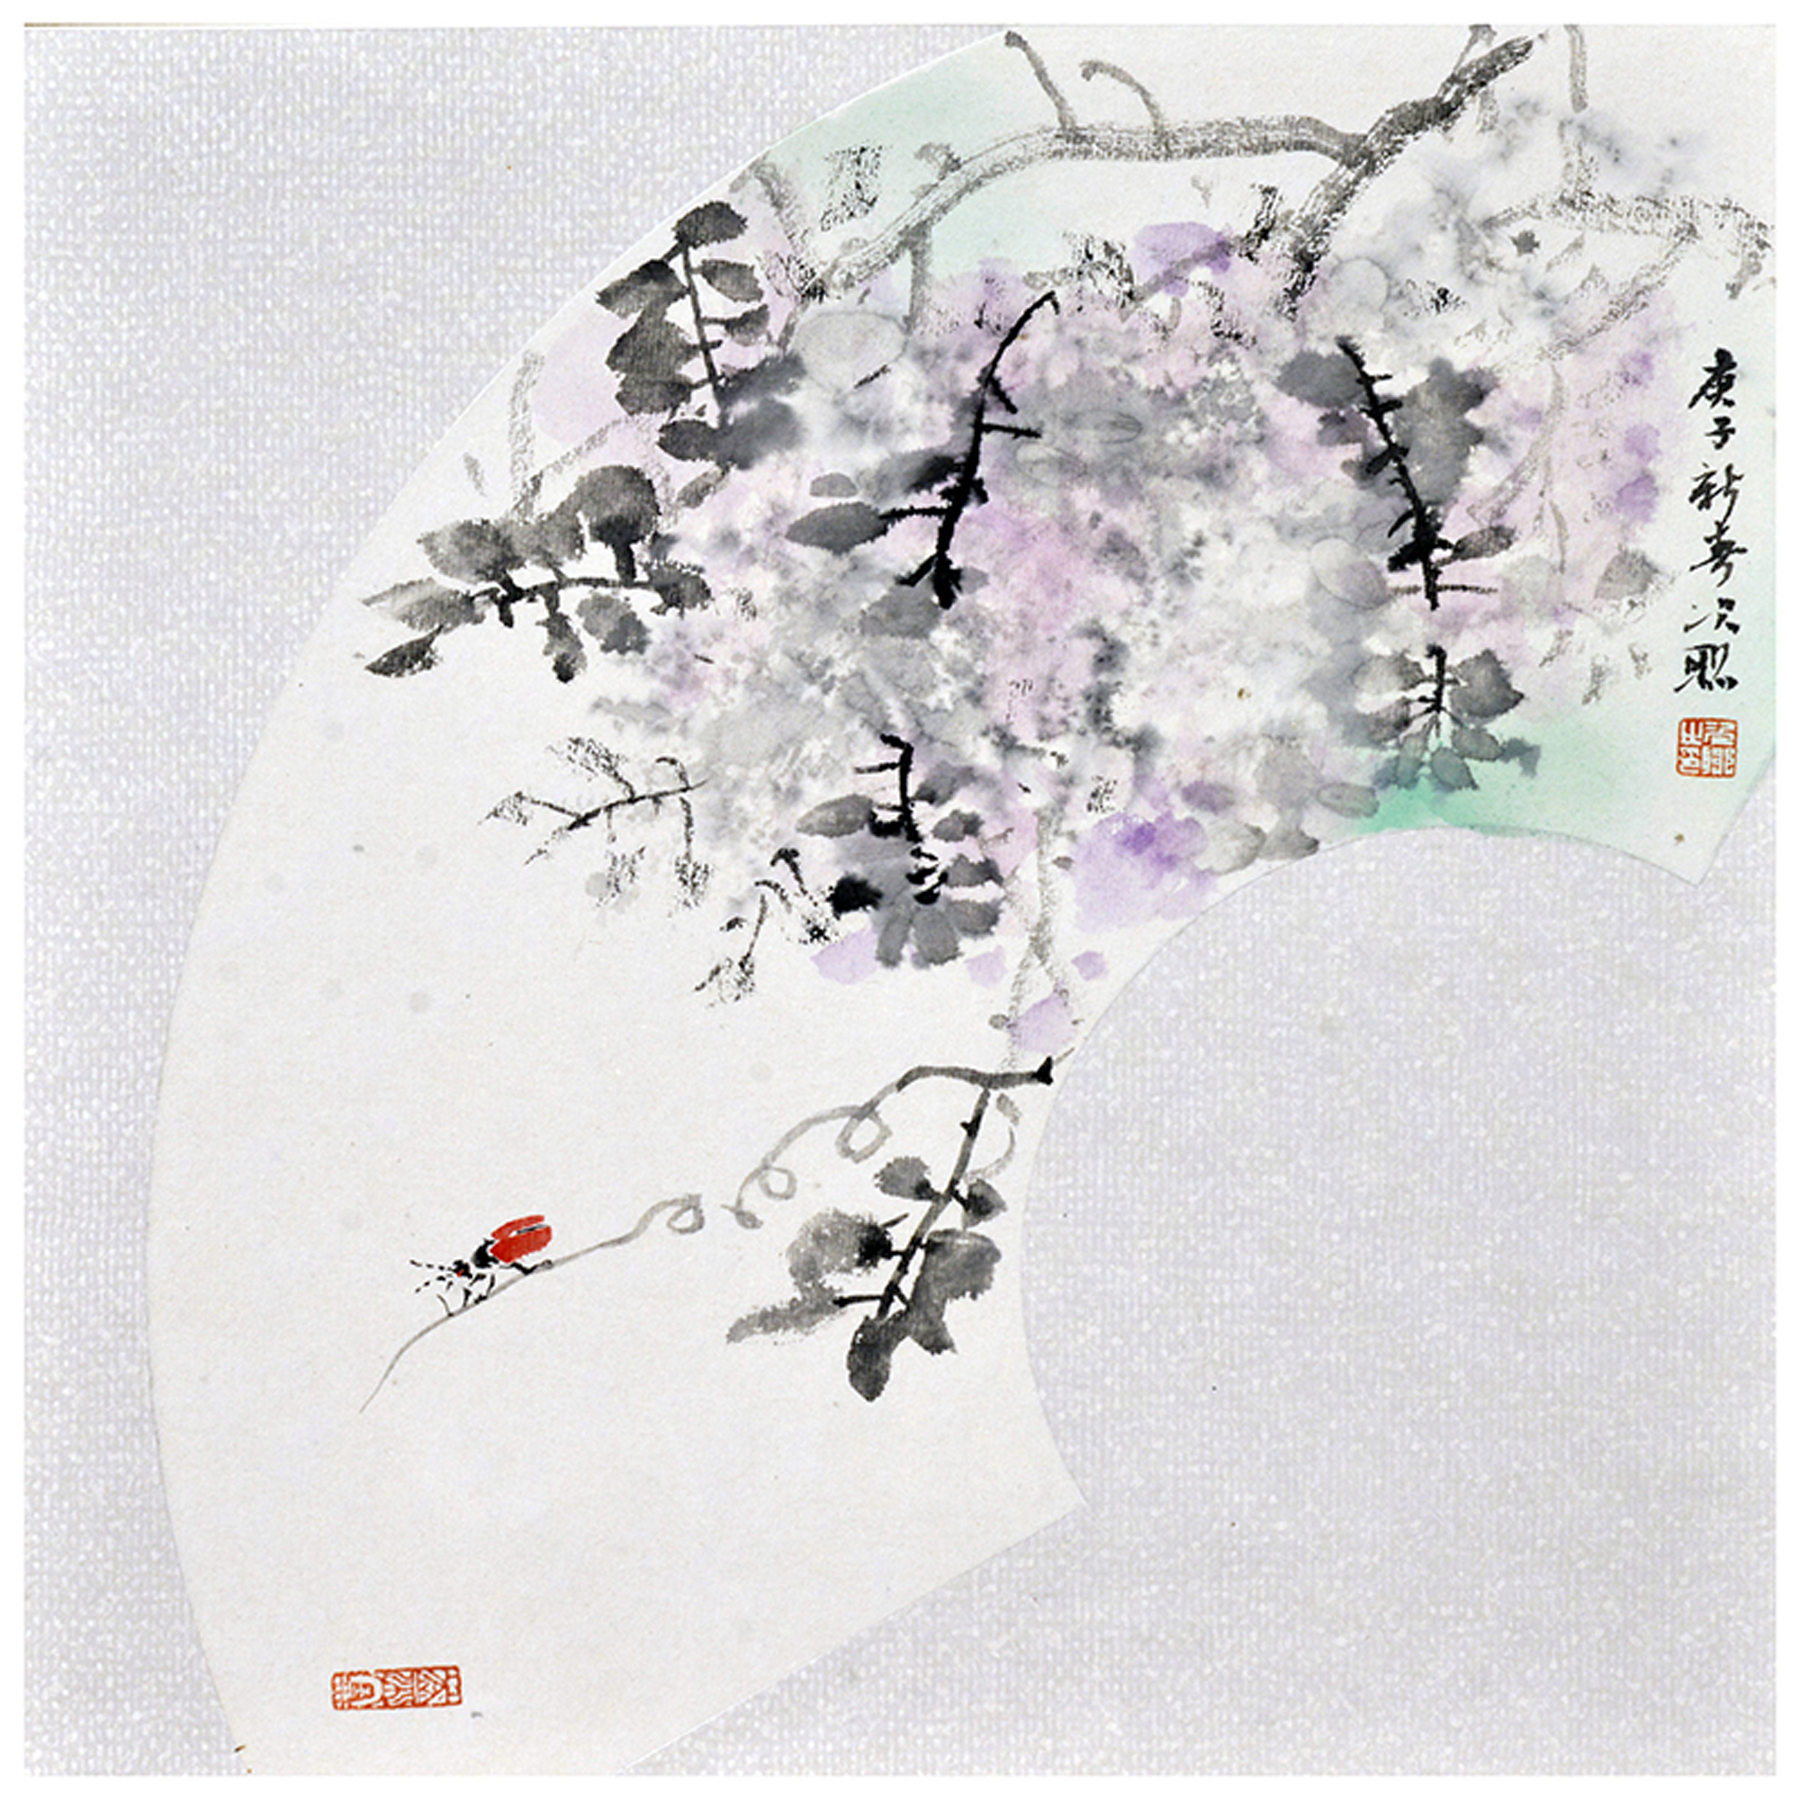 无题.紫藤花.jpg